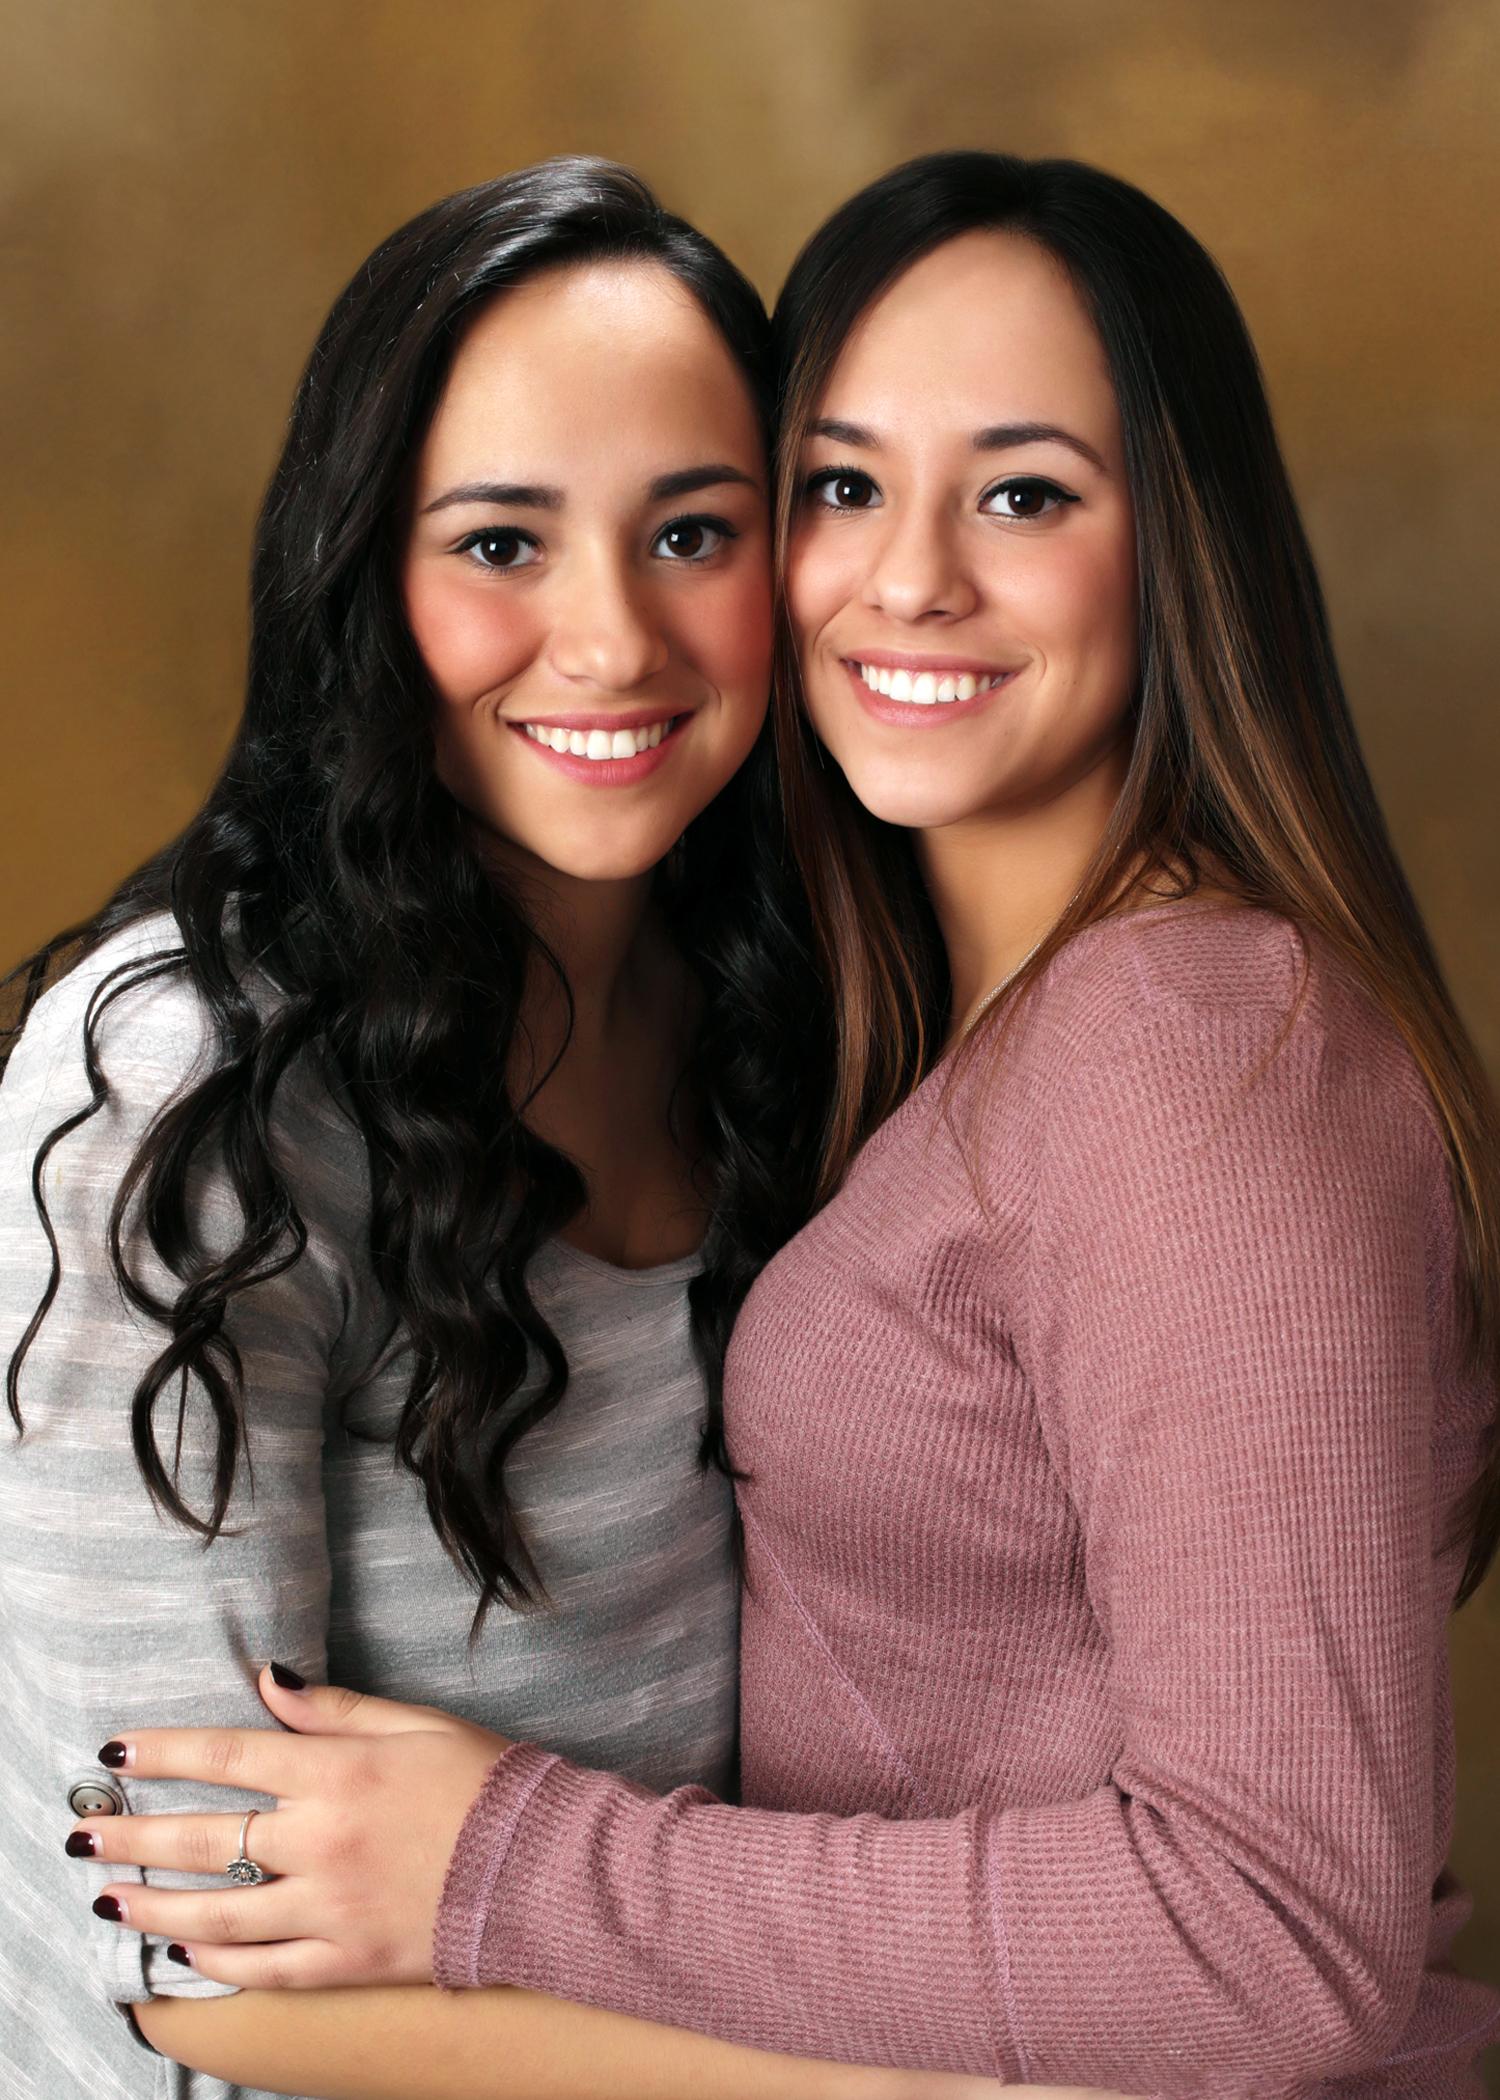 Jenna & Nicole | Senior Portrait